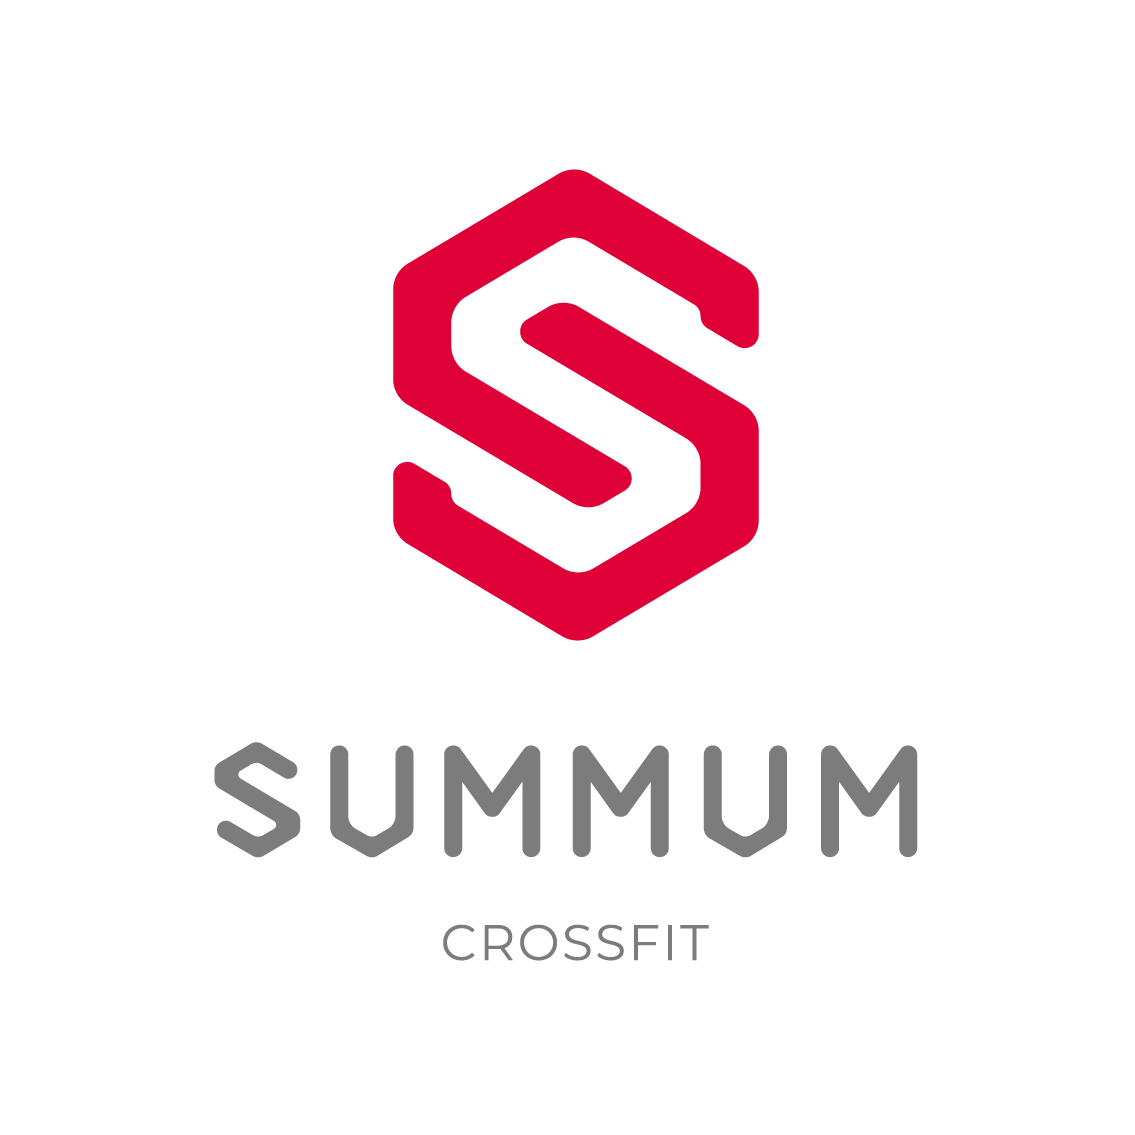 Summum CrossFit